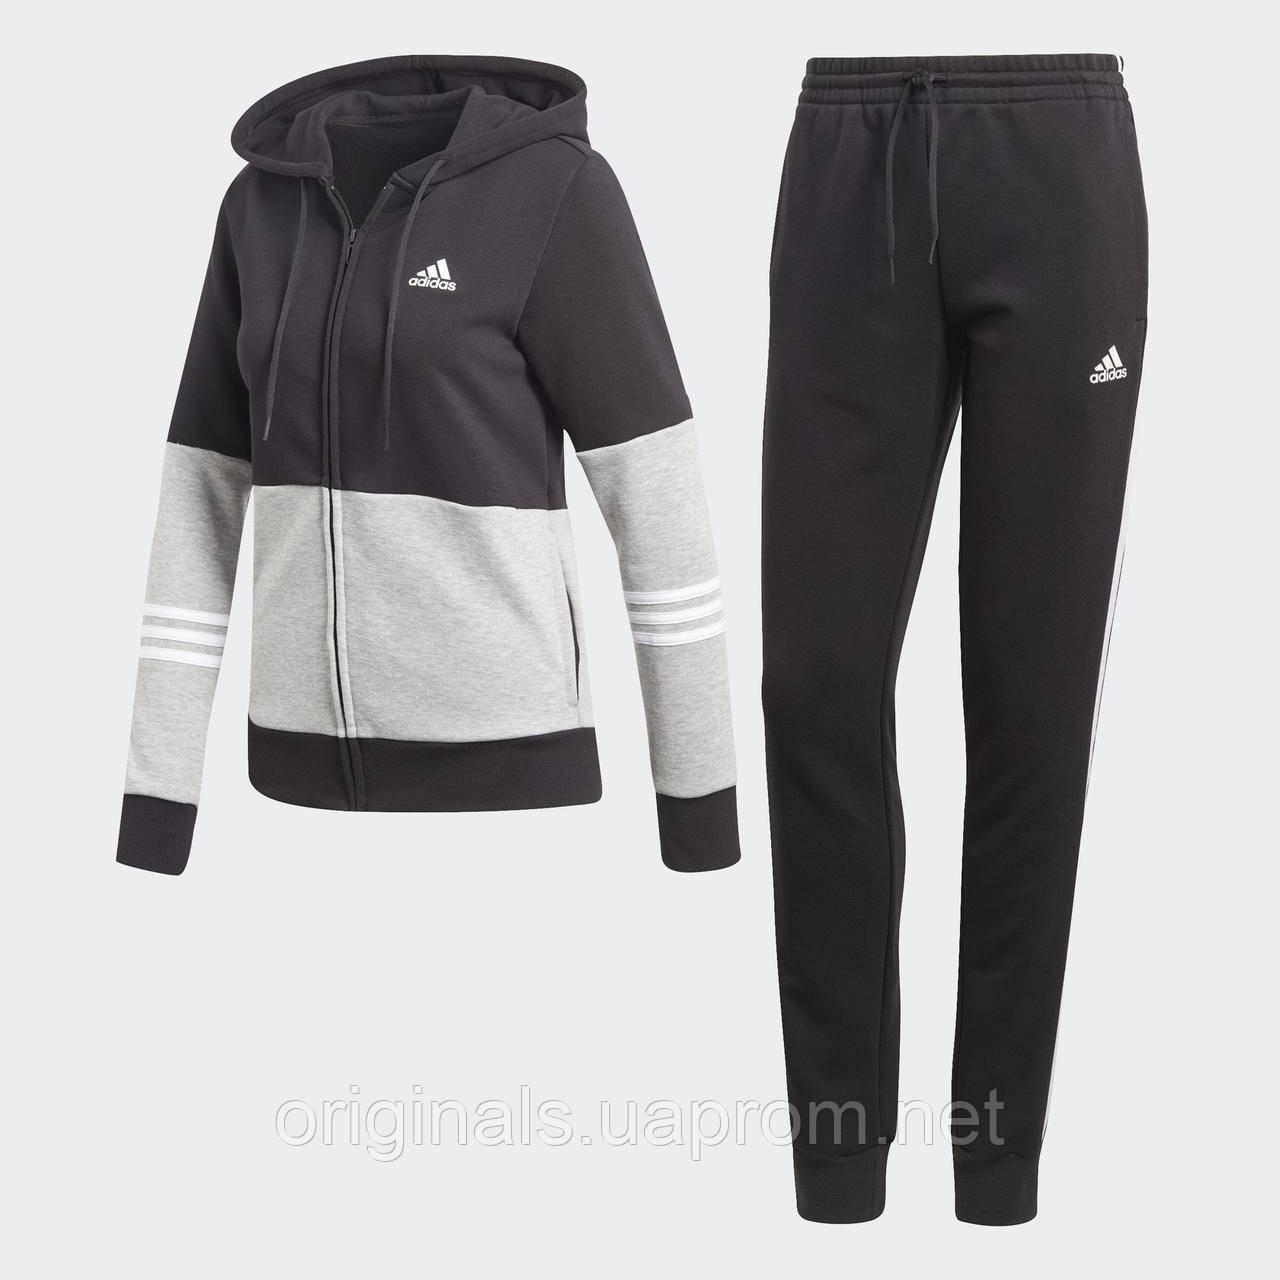 Спортивный костюм Adidas Cotton Energize DX0767